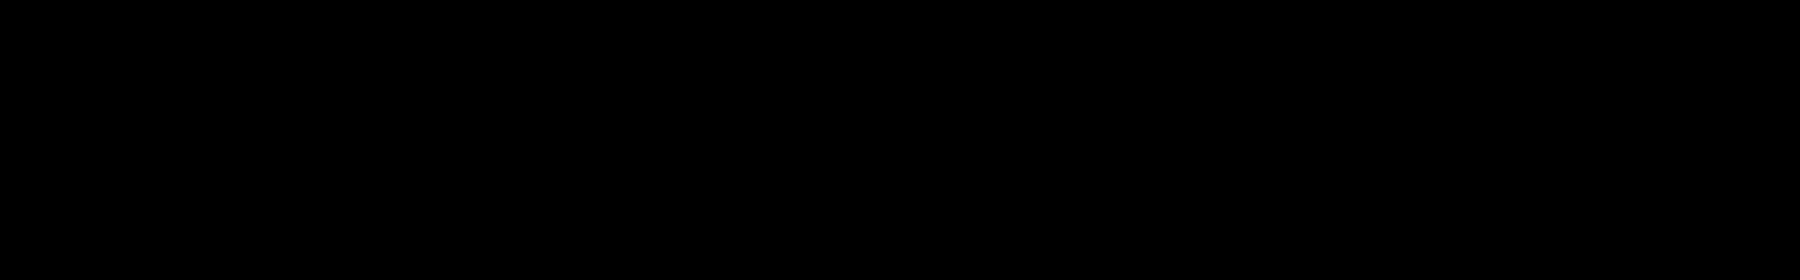 Mind Euthanasia audio waveform